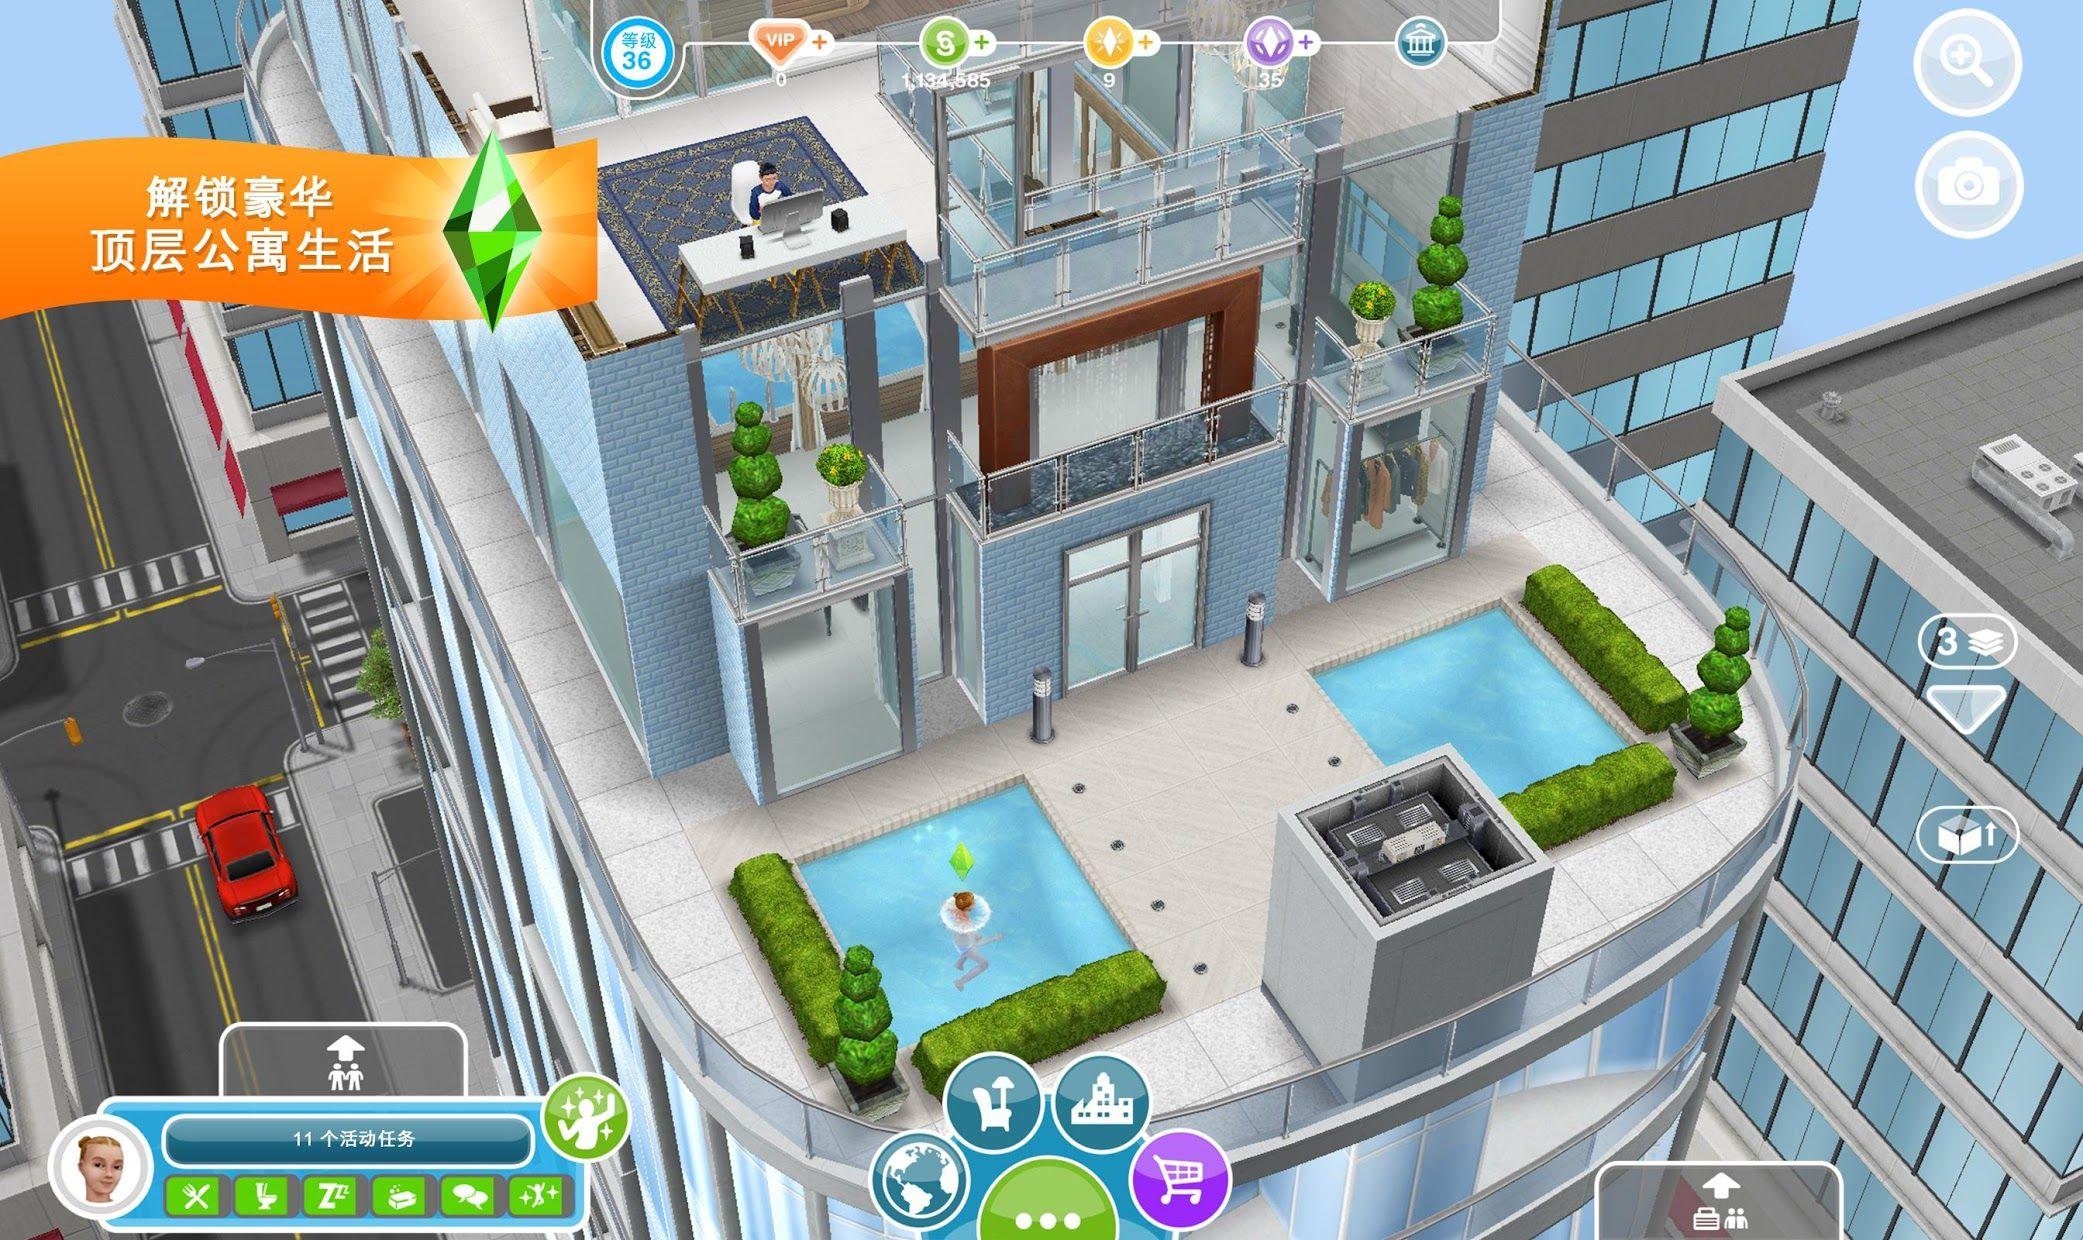 模拟人生™:畅玩版 游戏截图2